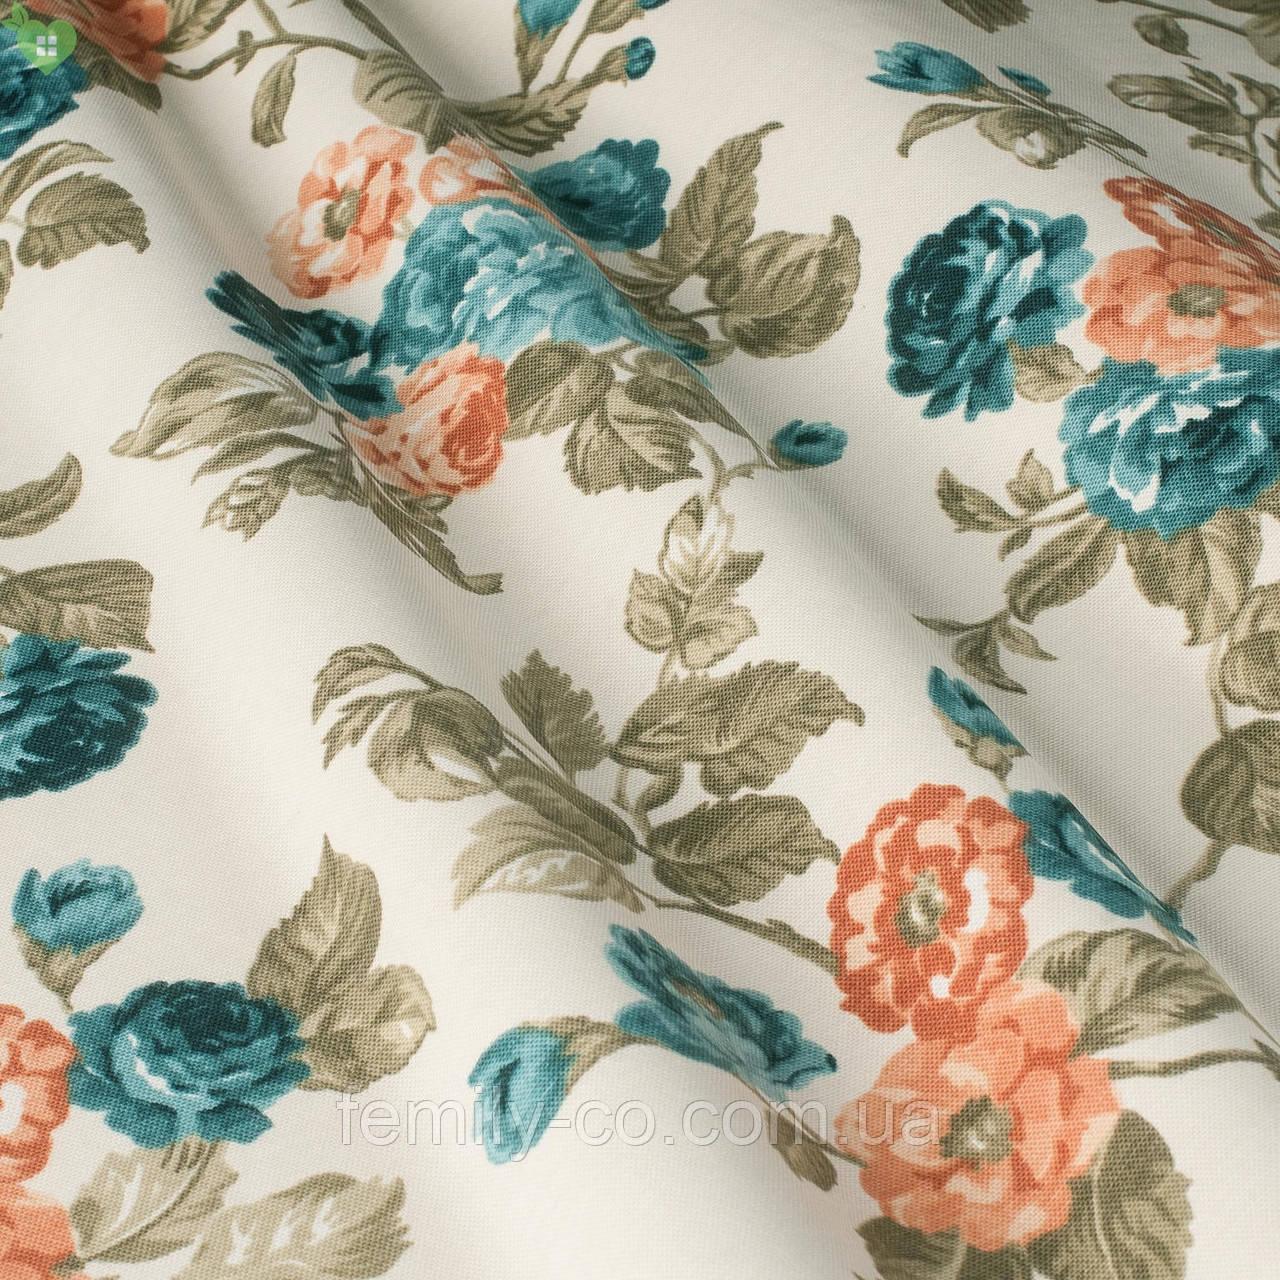 Декоративная ткань с мелкими сине-зелеными и красно-оранжевыми цветками на веточках Турция 130442v2